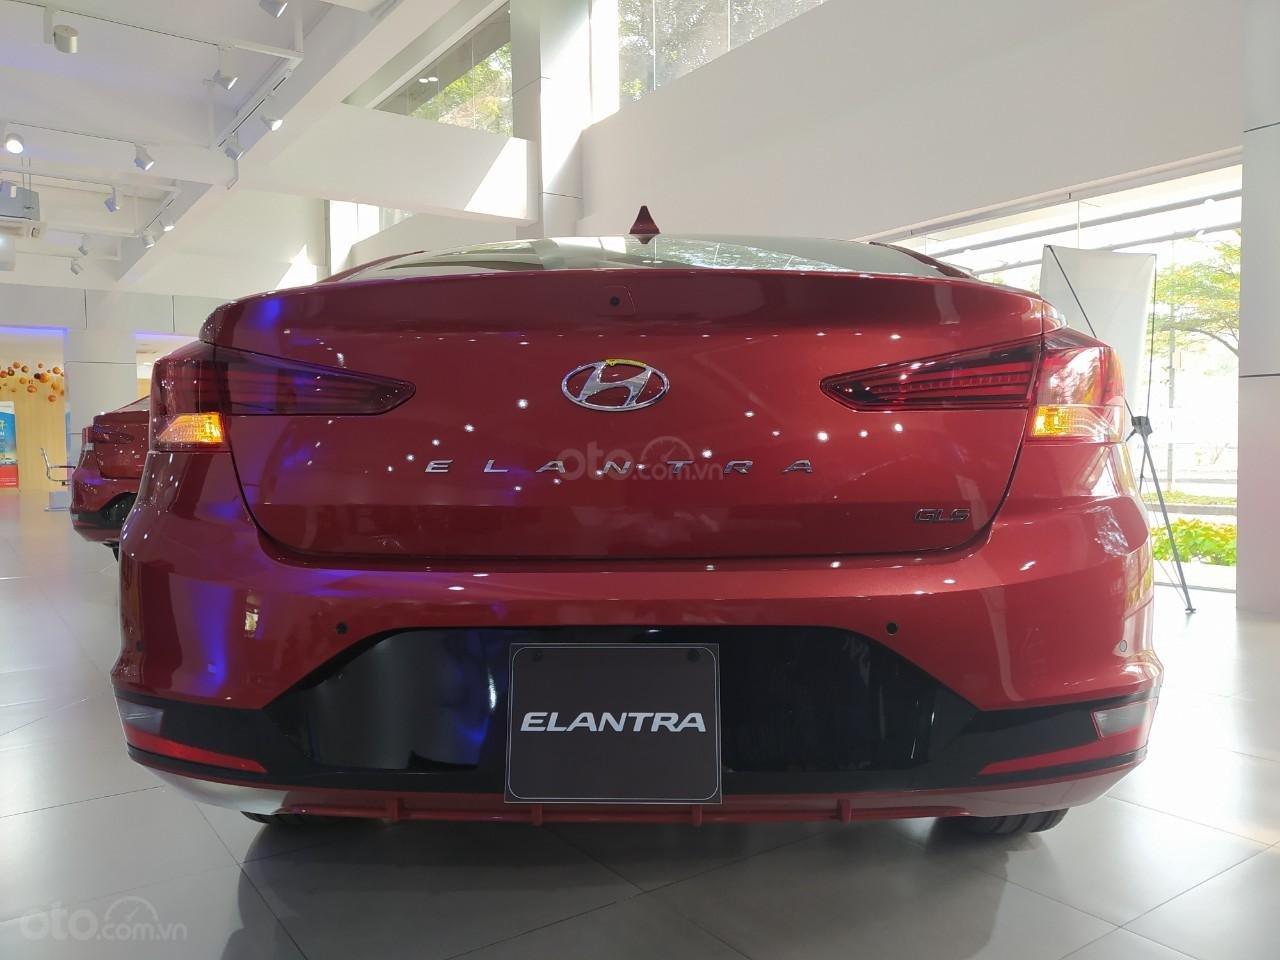 Hyundai An Phú bán Hyundai Elantra giá tốt, góp 90%, xe giao ngay, liên hệ Mr Nghĩa để được hỗ trợ tốt nhất (6)